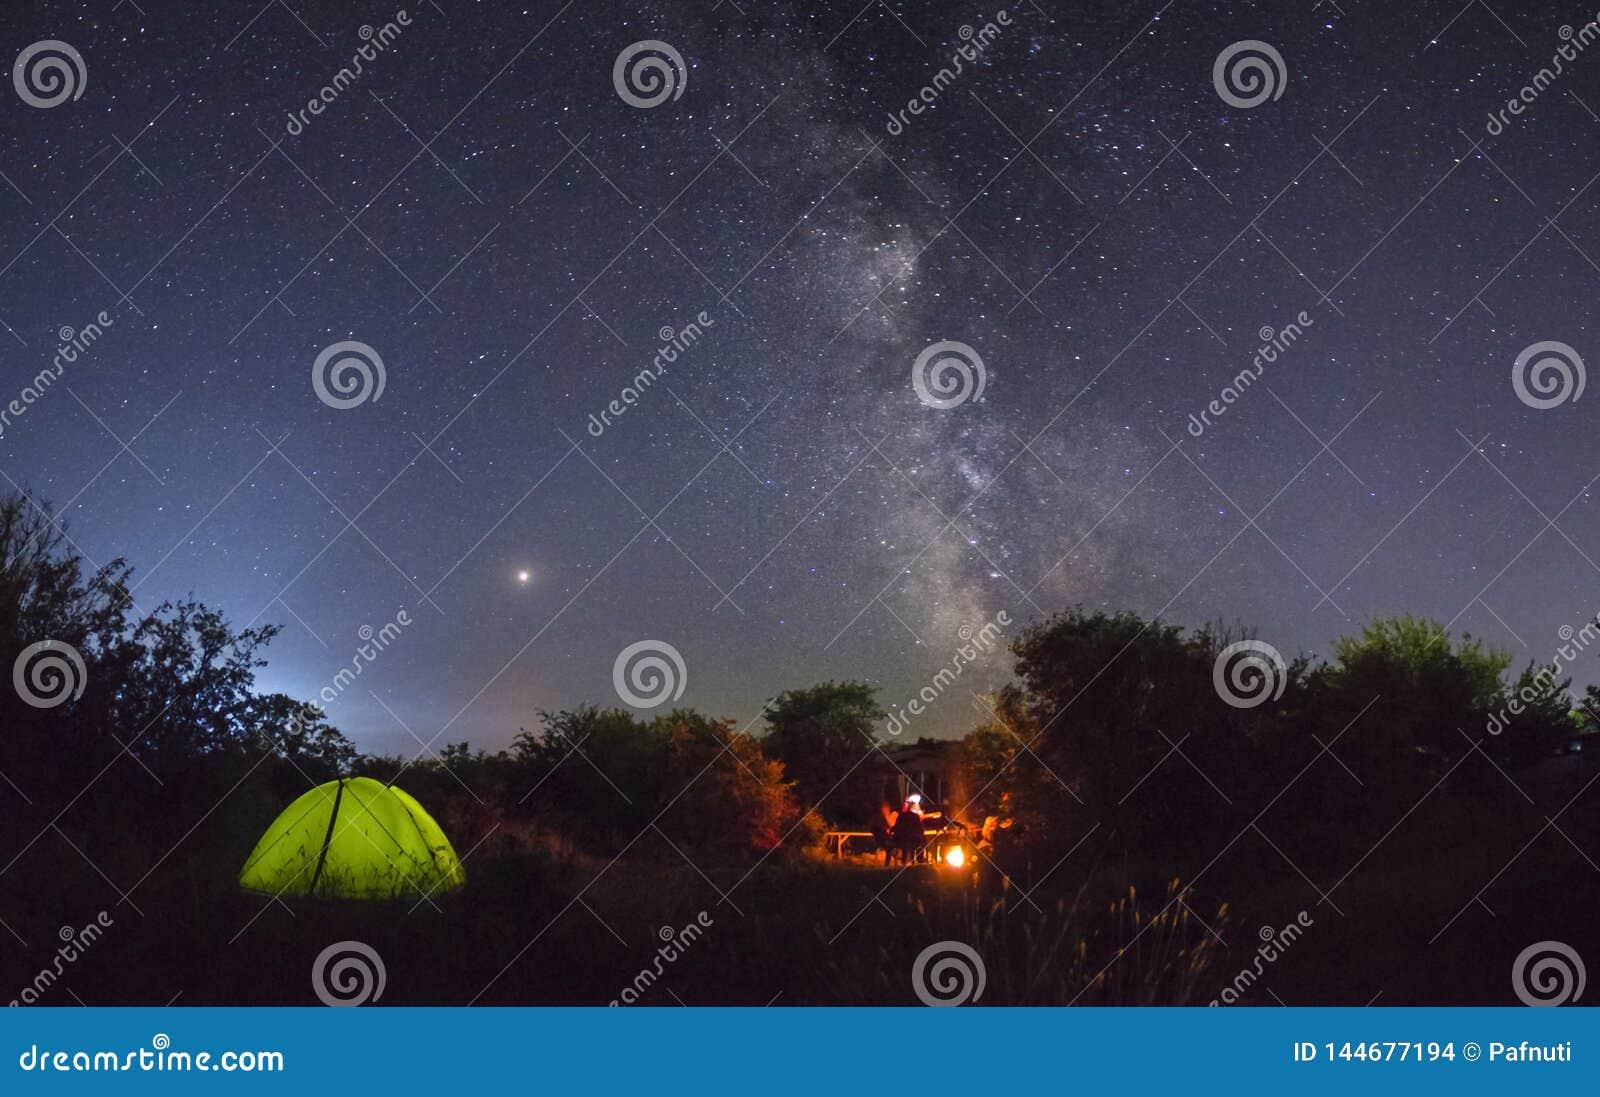 夜野营 夫妇游人有休息在营火靠近有启发性帐篷在令人惊讶的夜空下